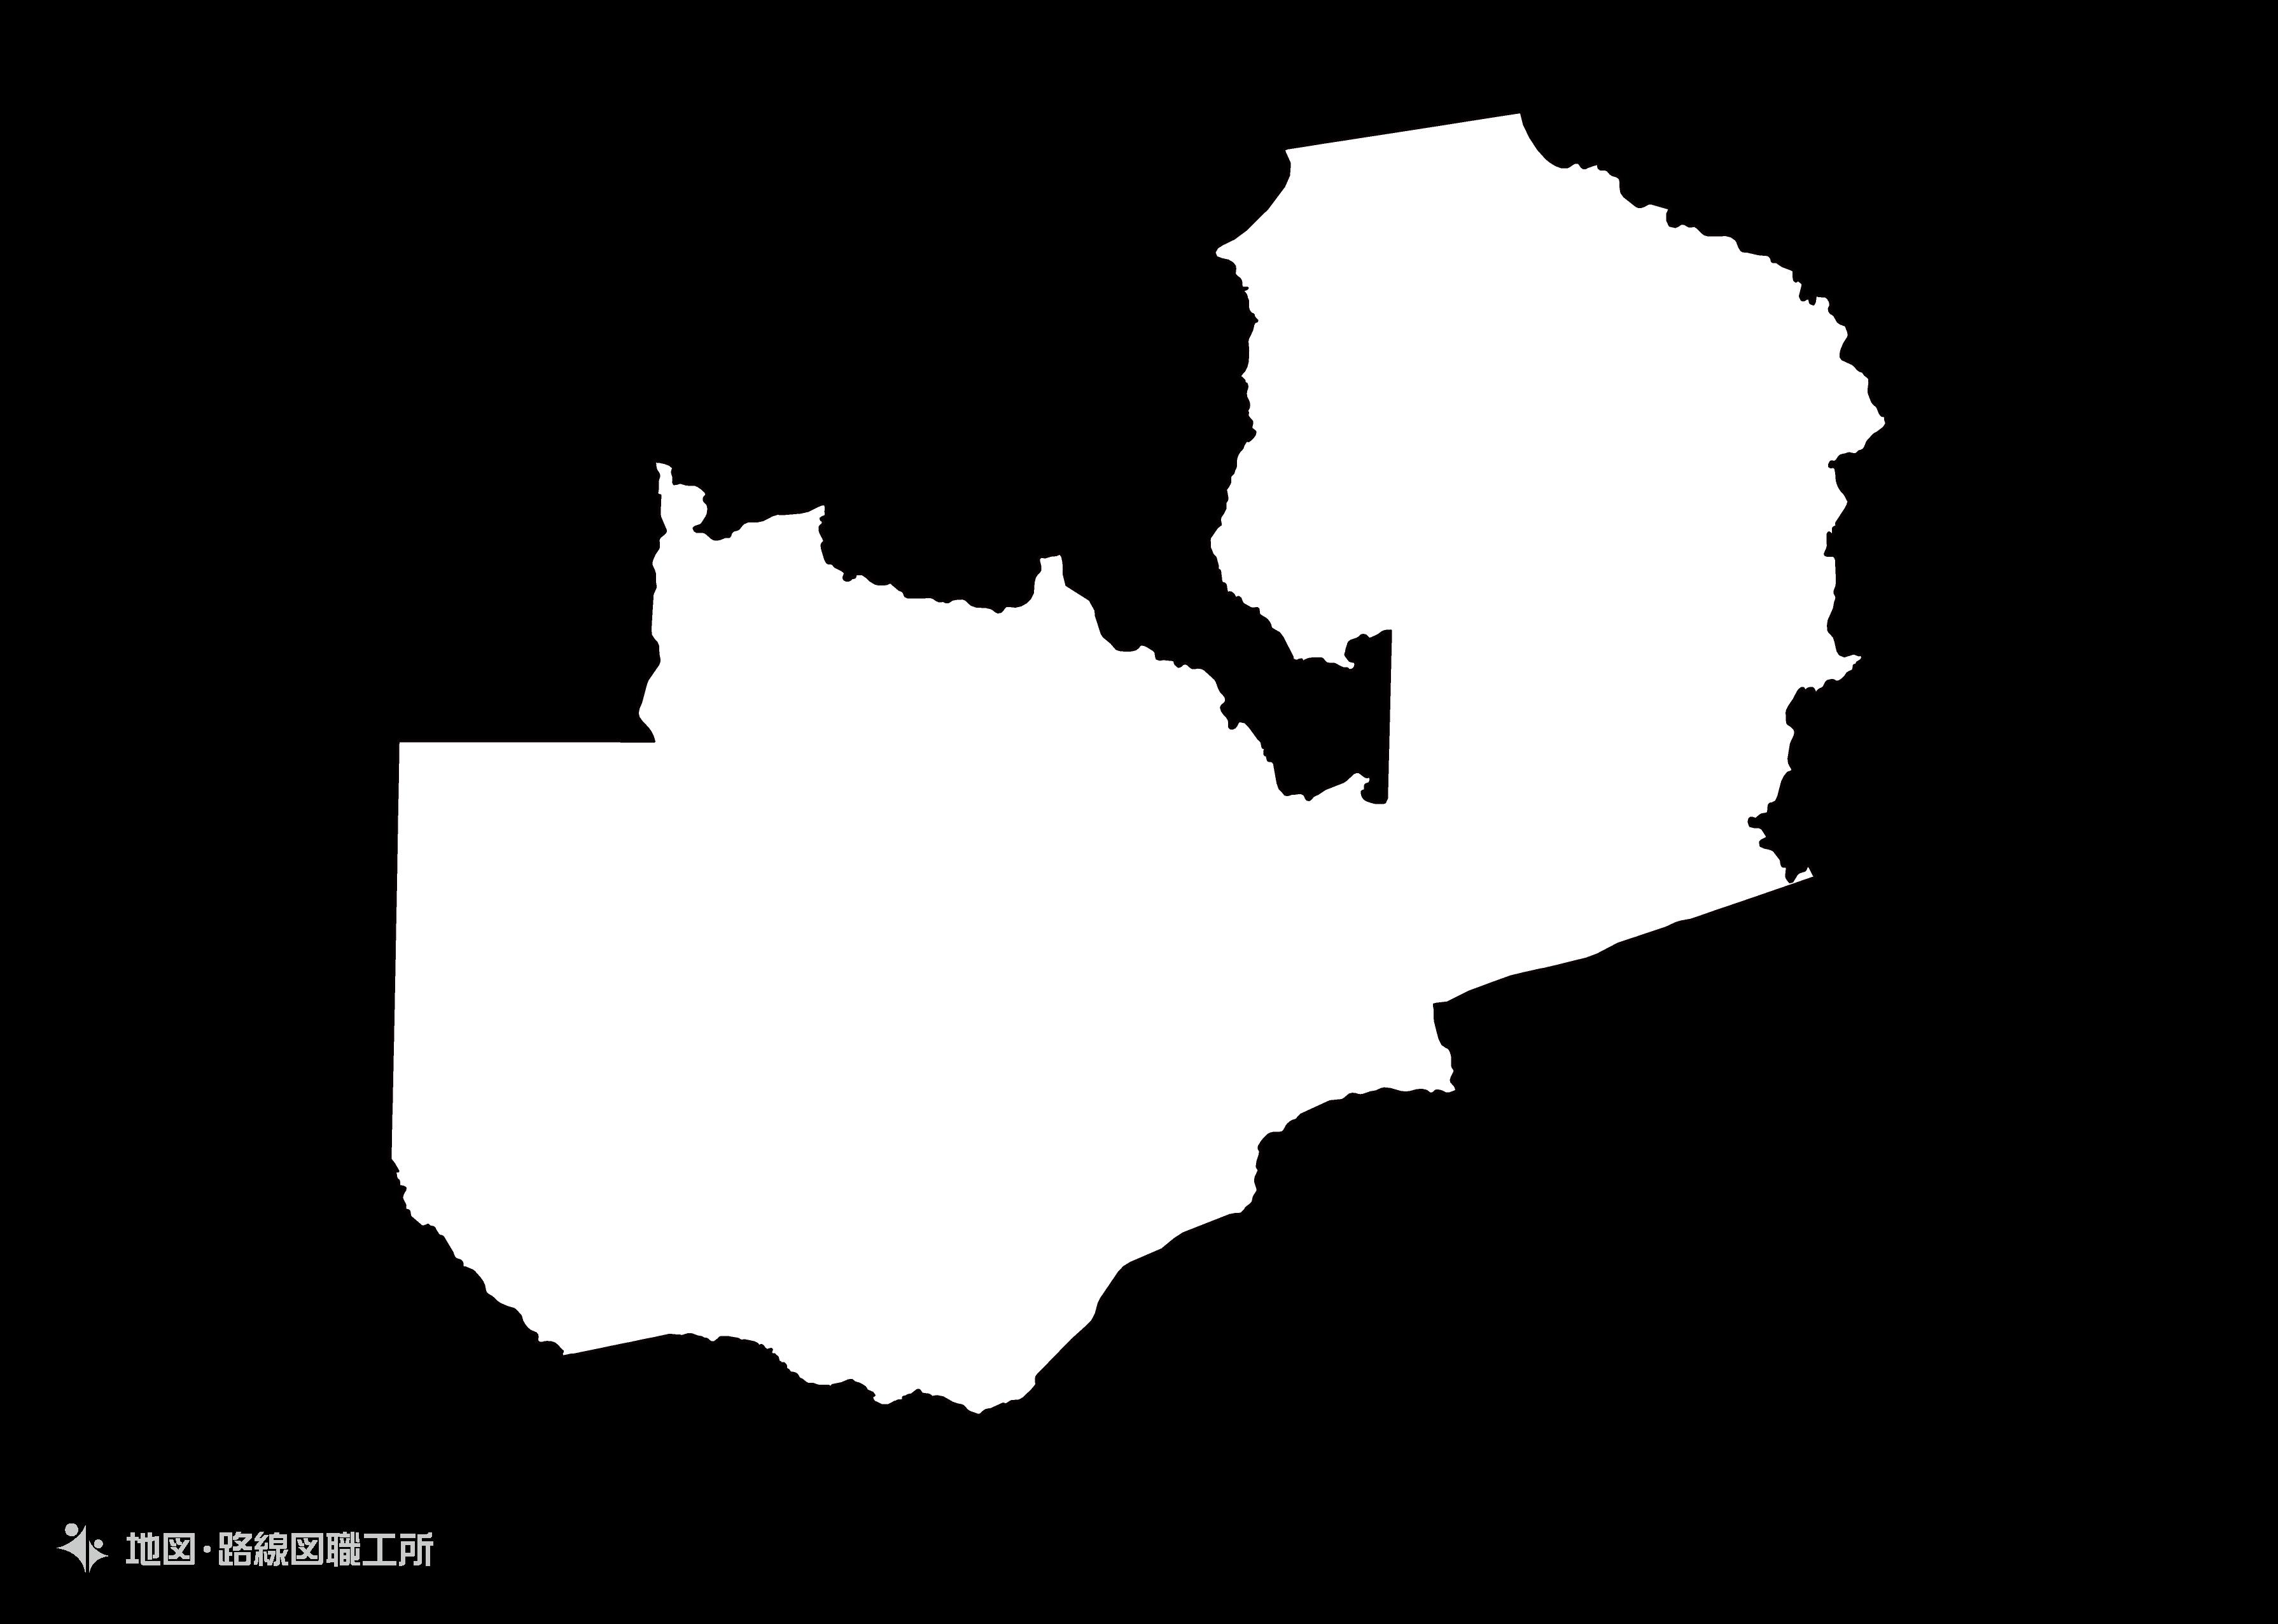 世界の白地図 ザンビア共和国 republic-of-zambia map